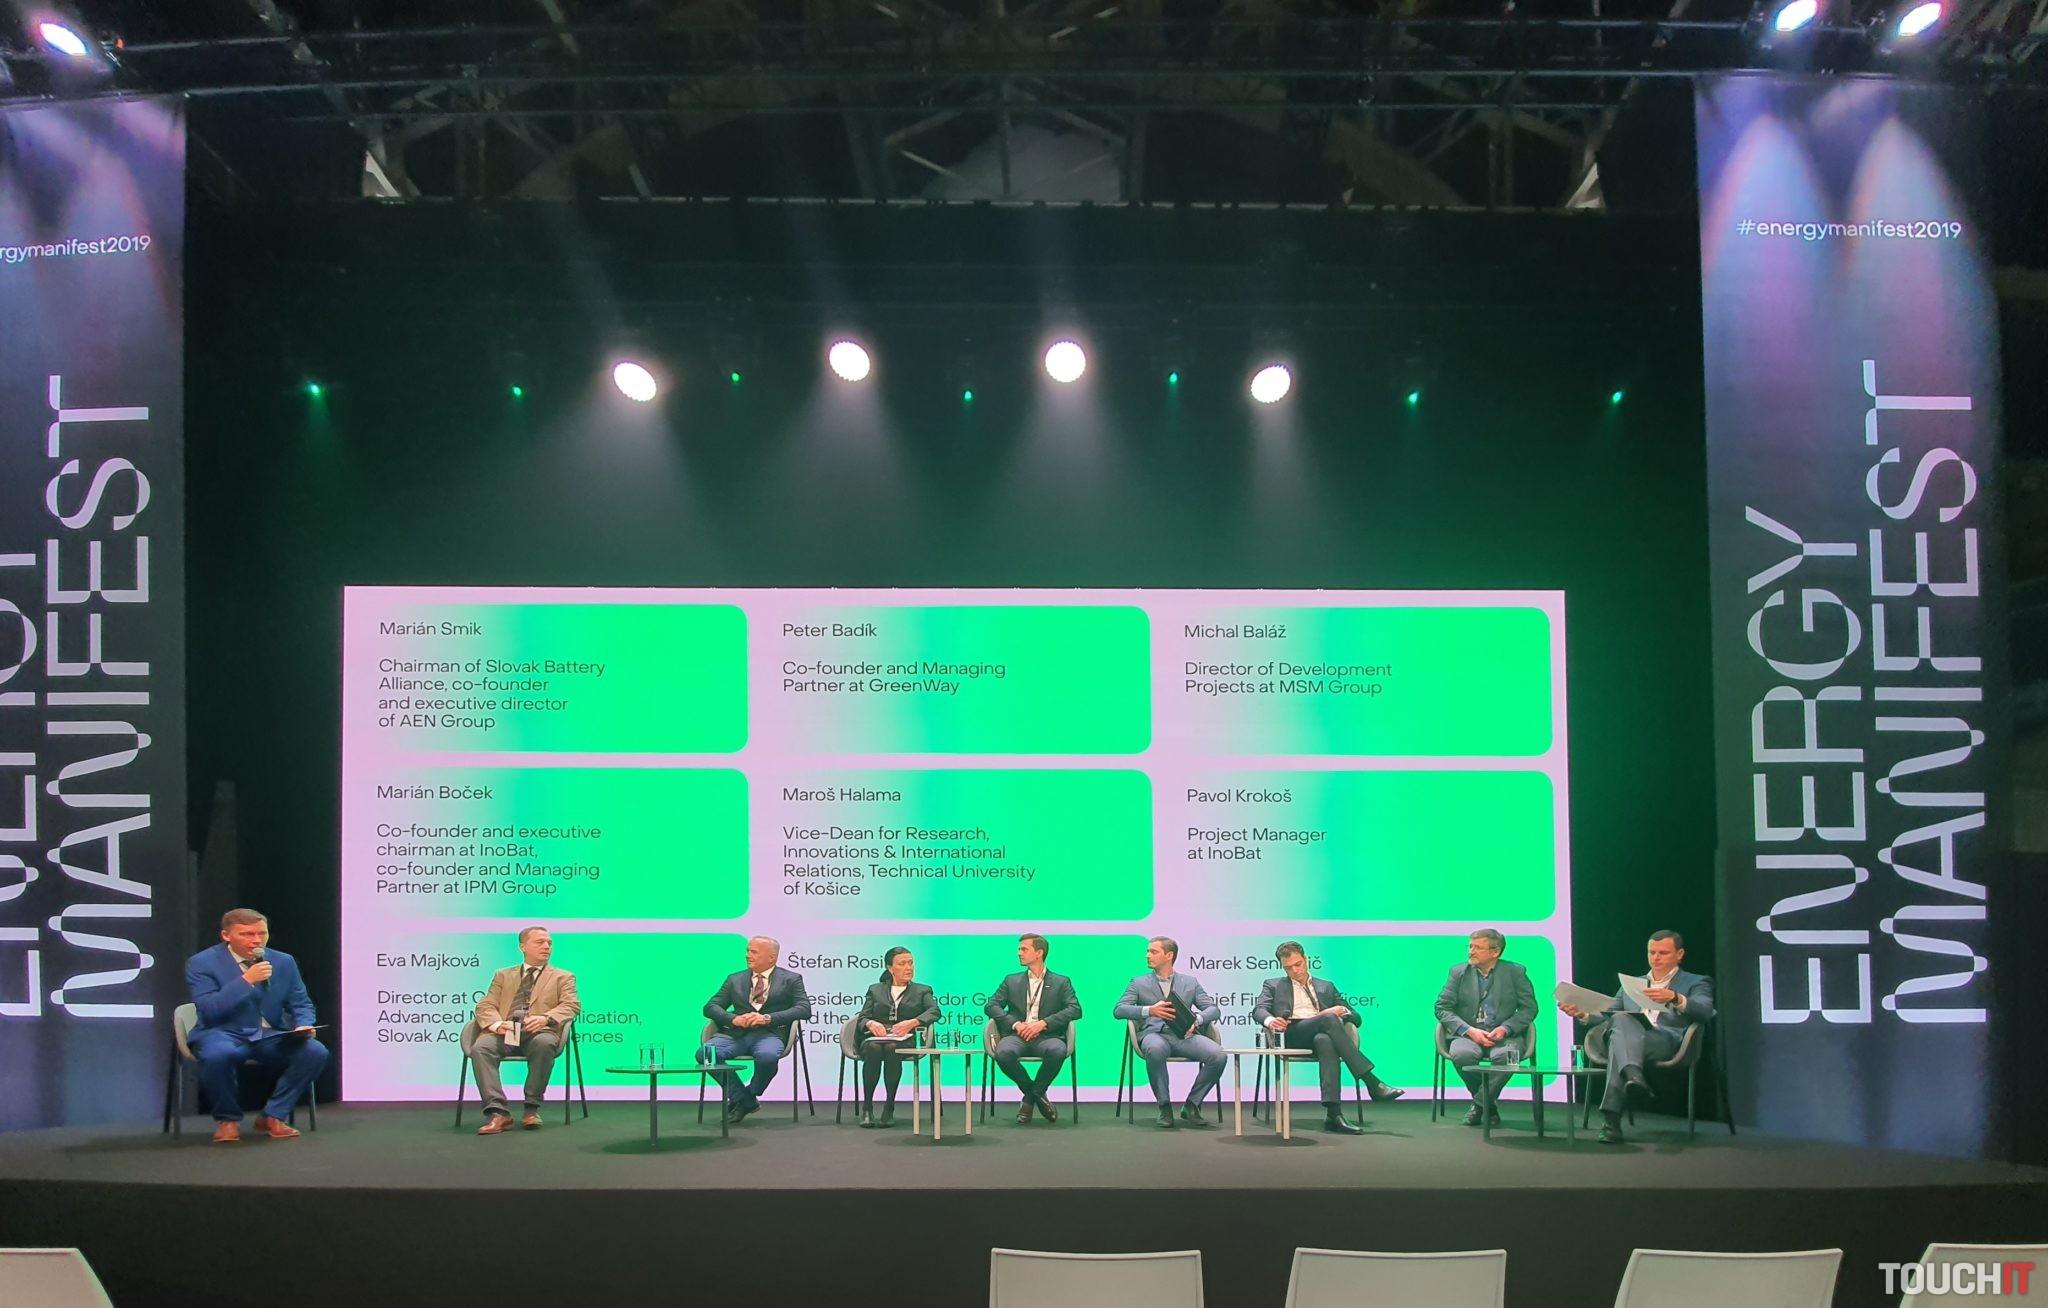 Na diskusii počas Energy Manifest sa zúčastnil aj zástupca GreenWay